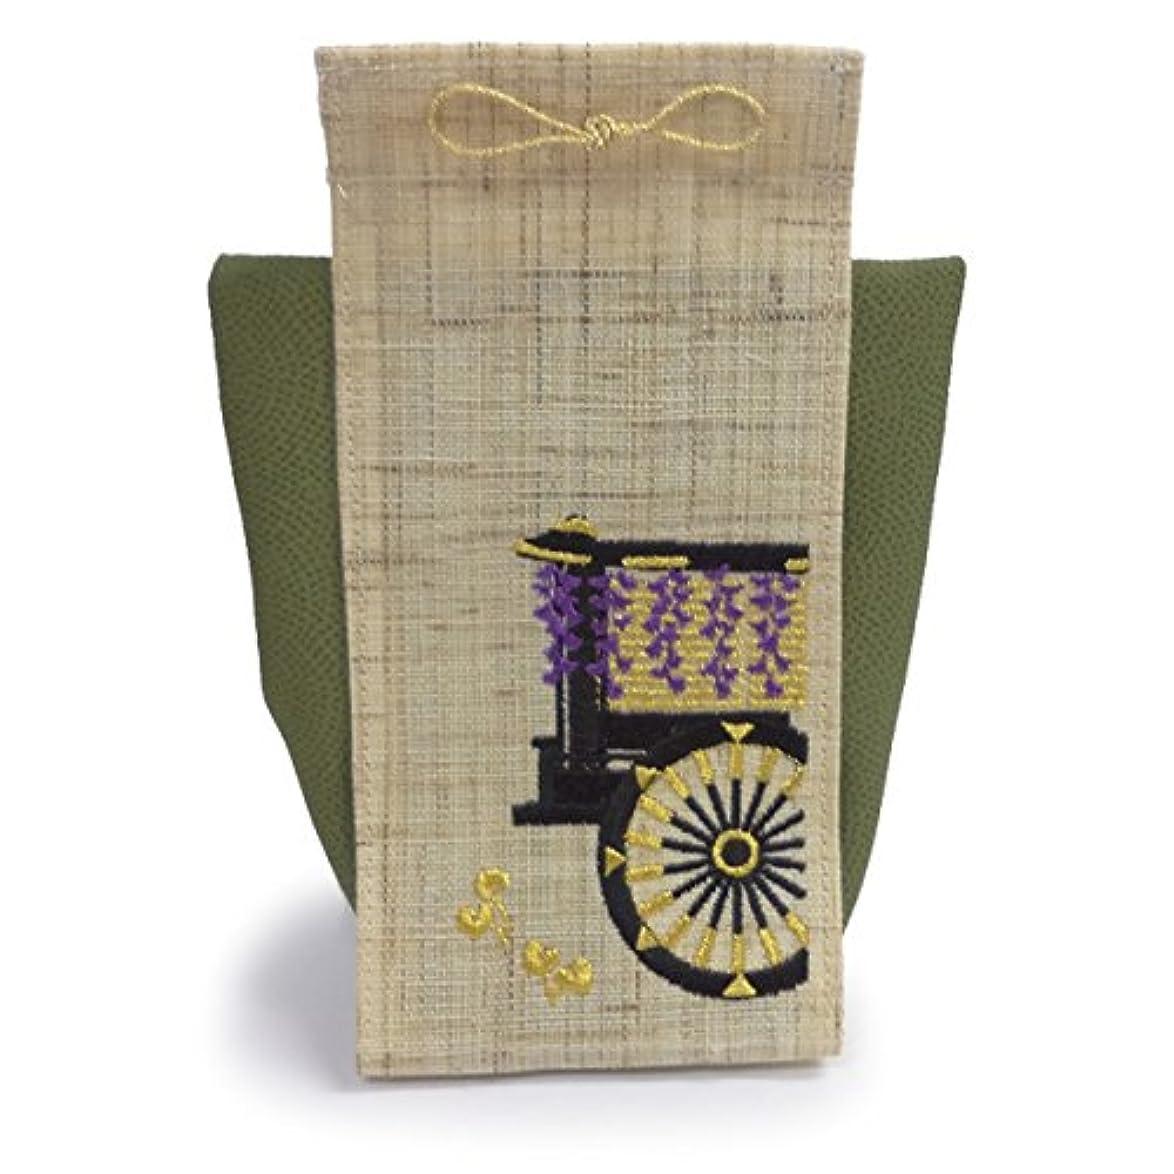 シュリンクインサート発表する香飾り 京の風物詩 葵祭